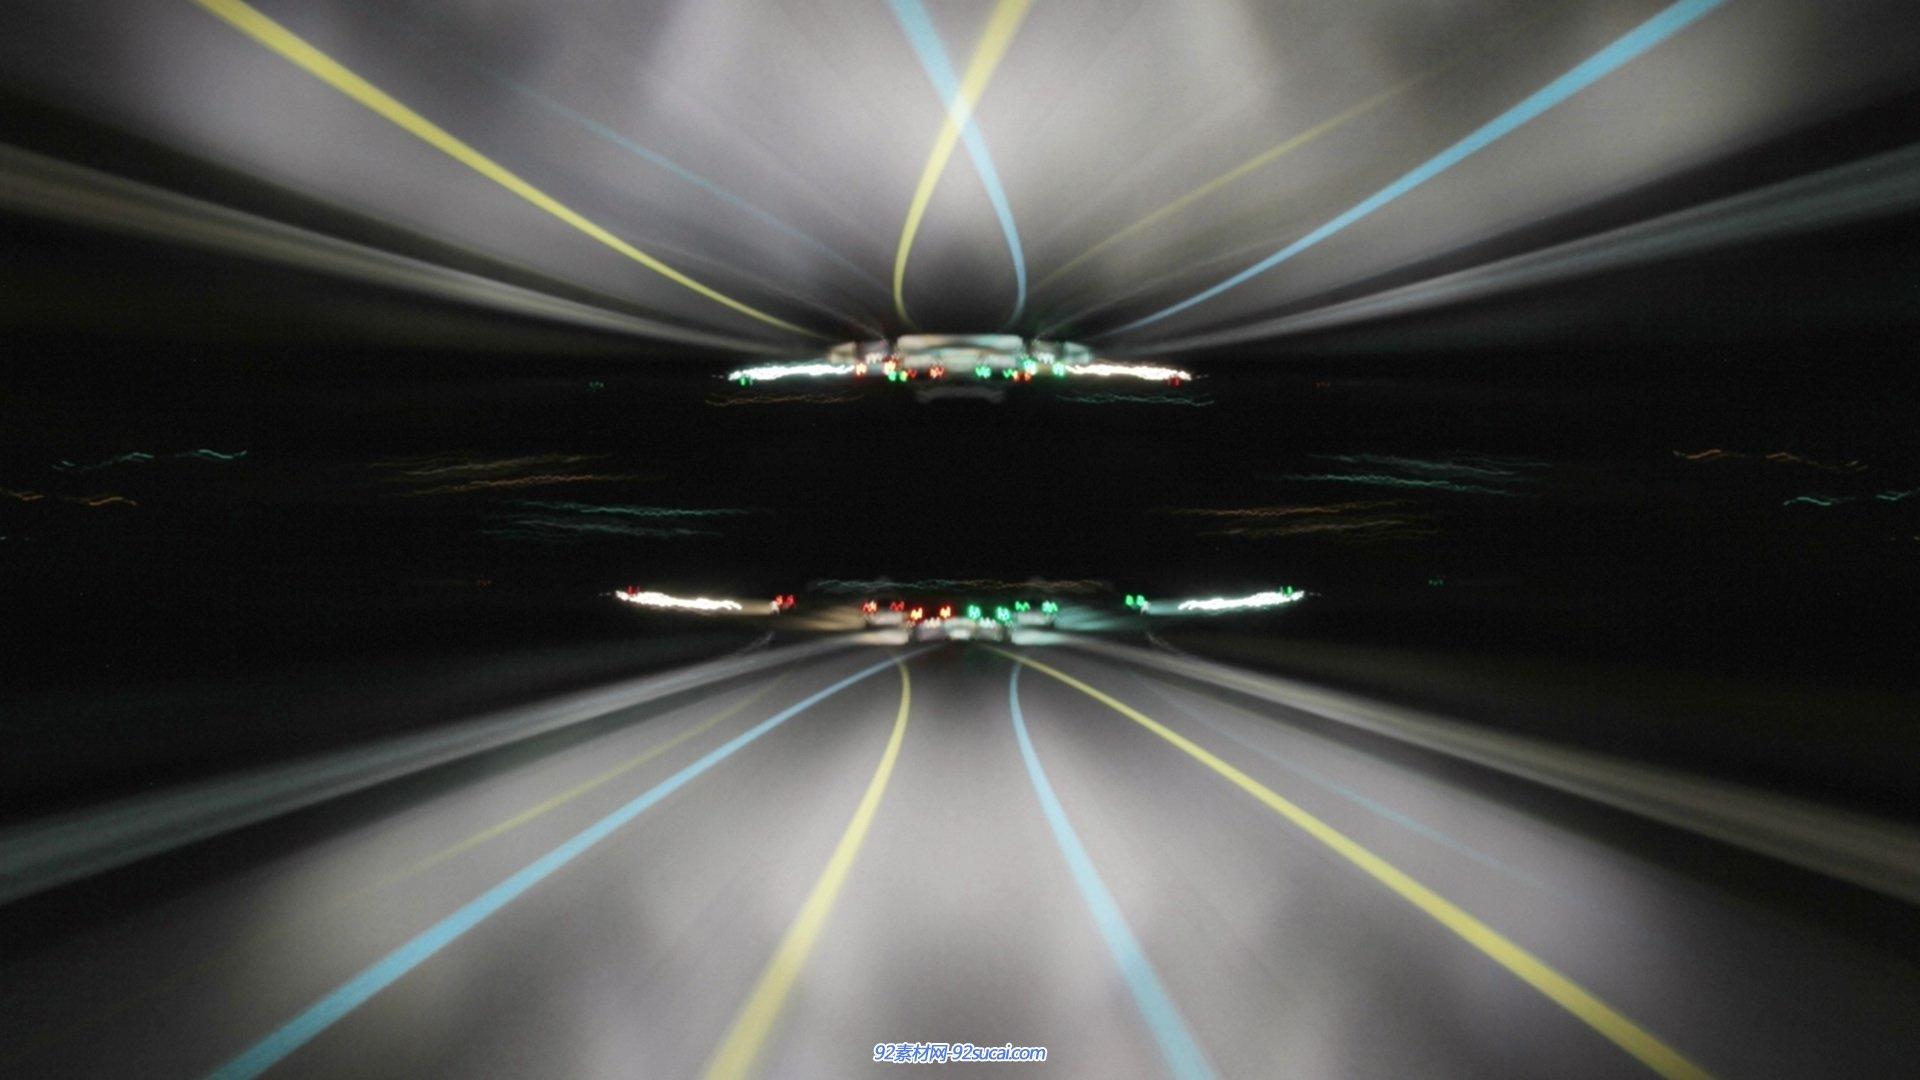 超速穿越时光隧道爆闪动态led背景视频素材